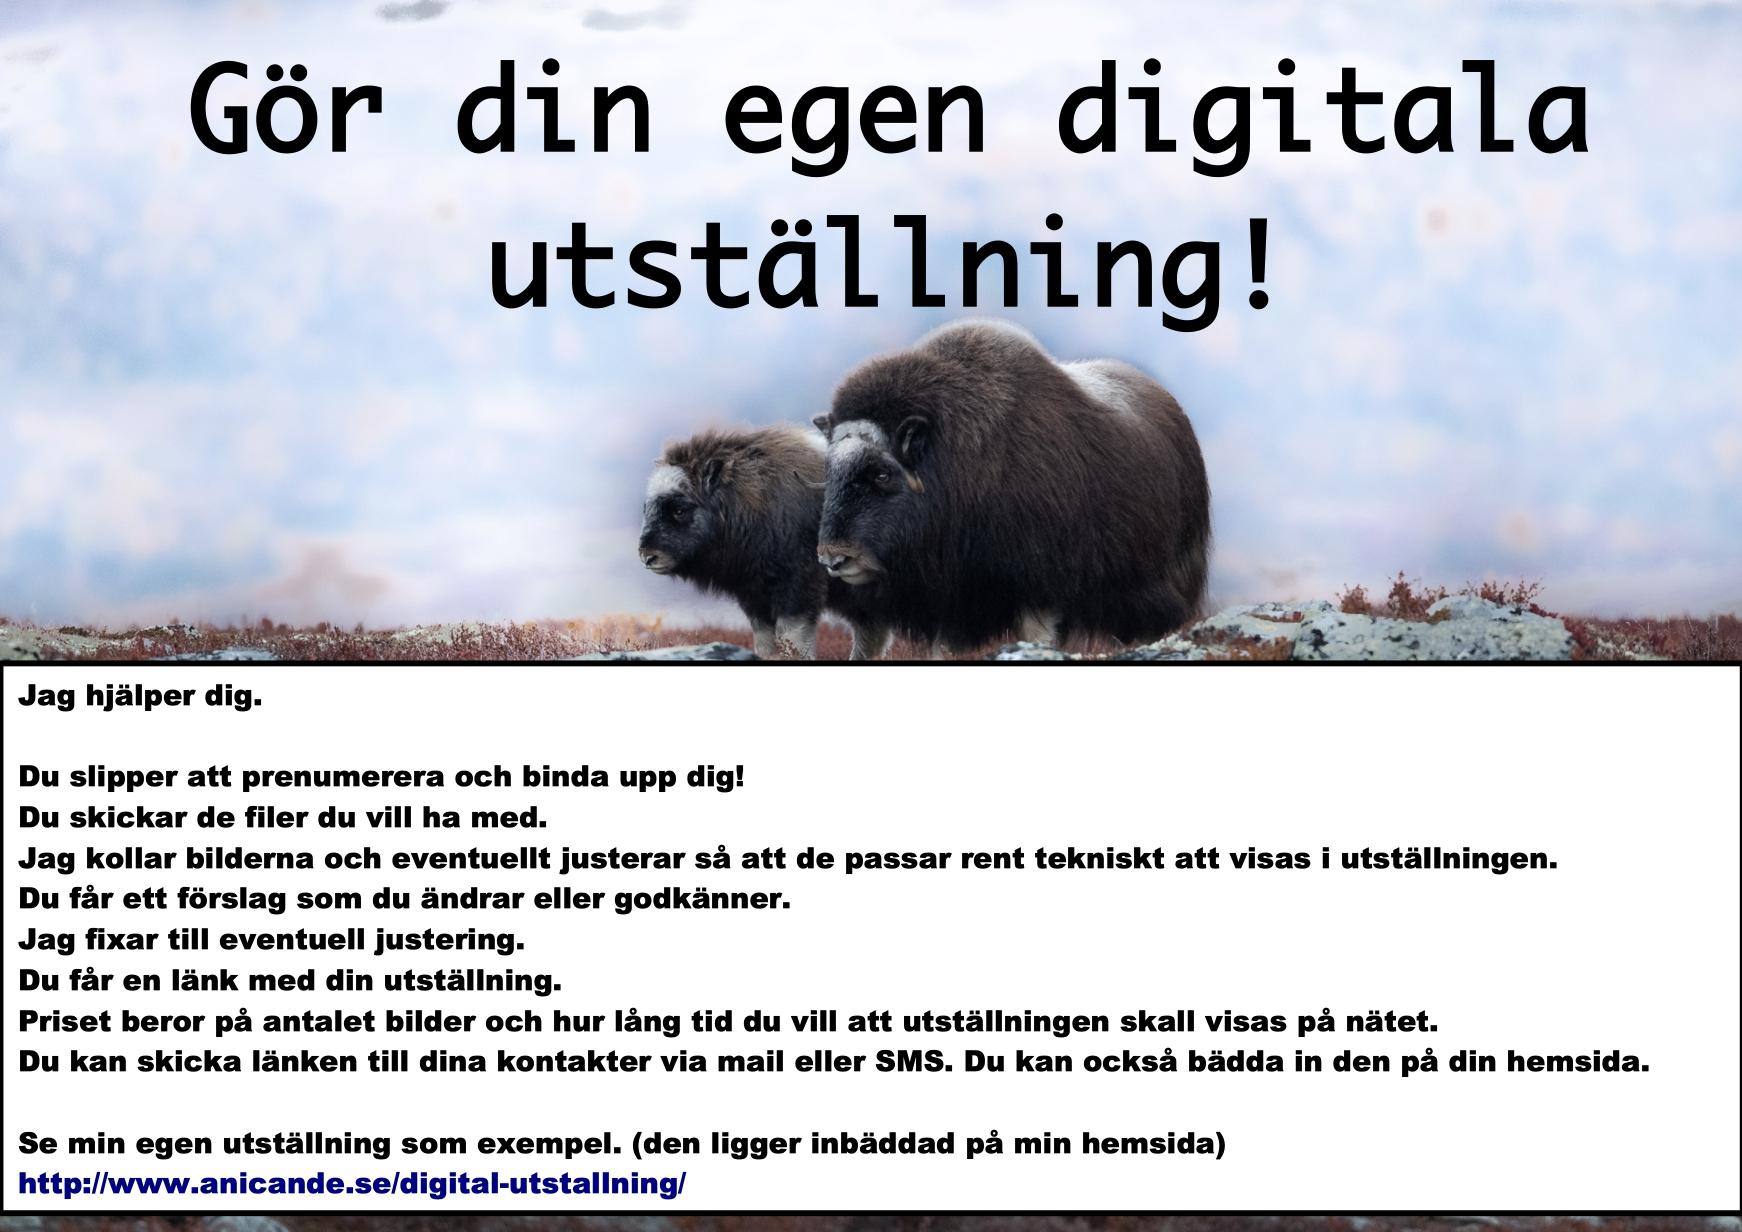 Digital utställning